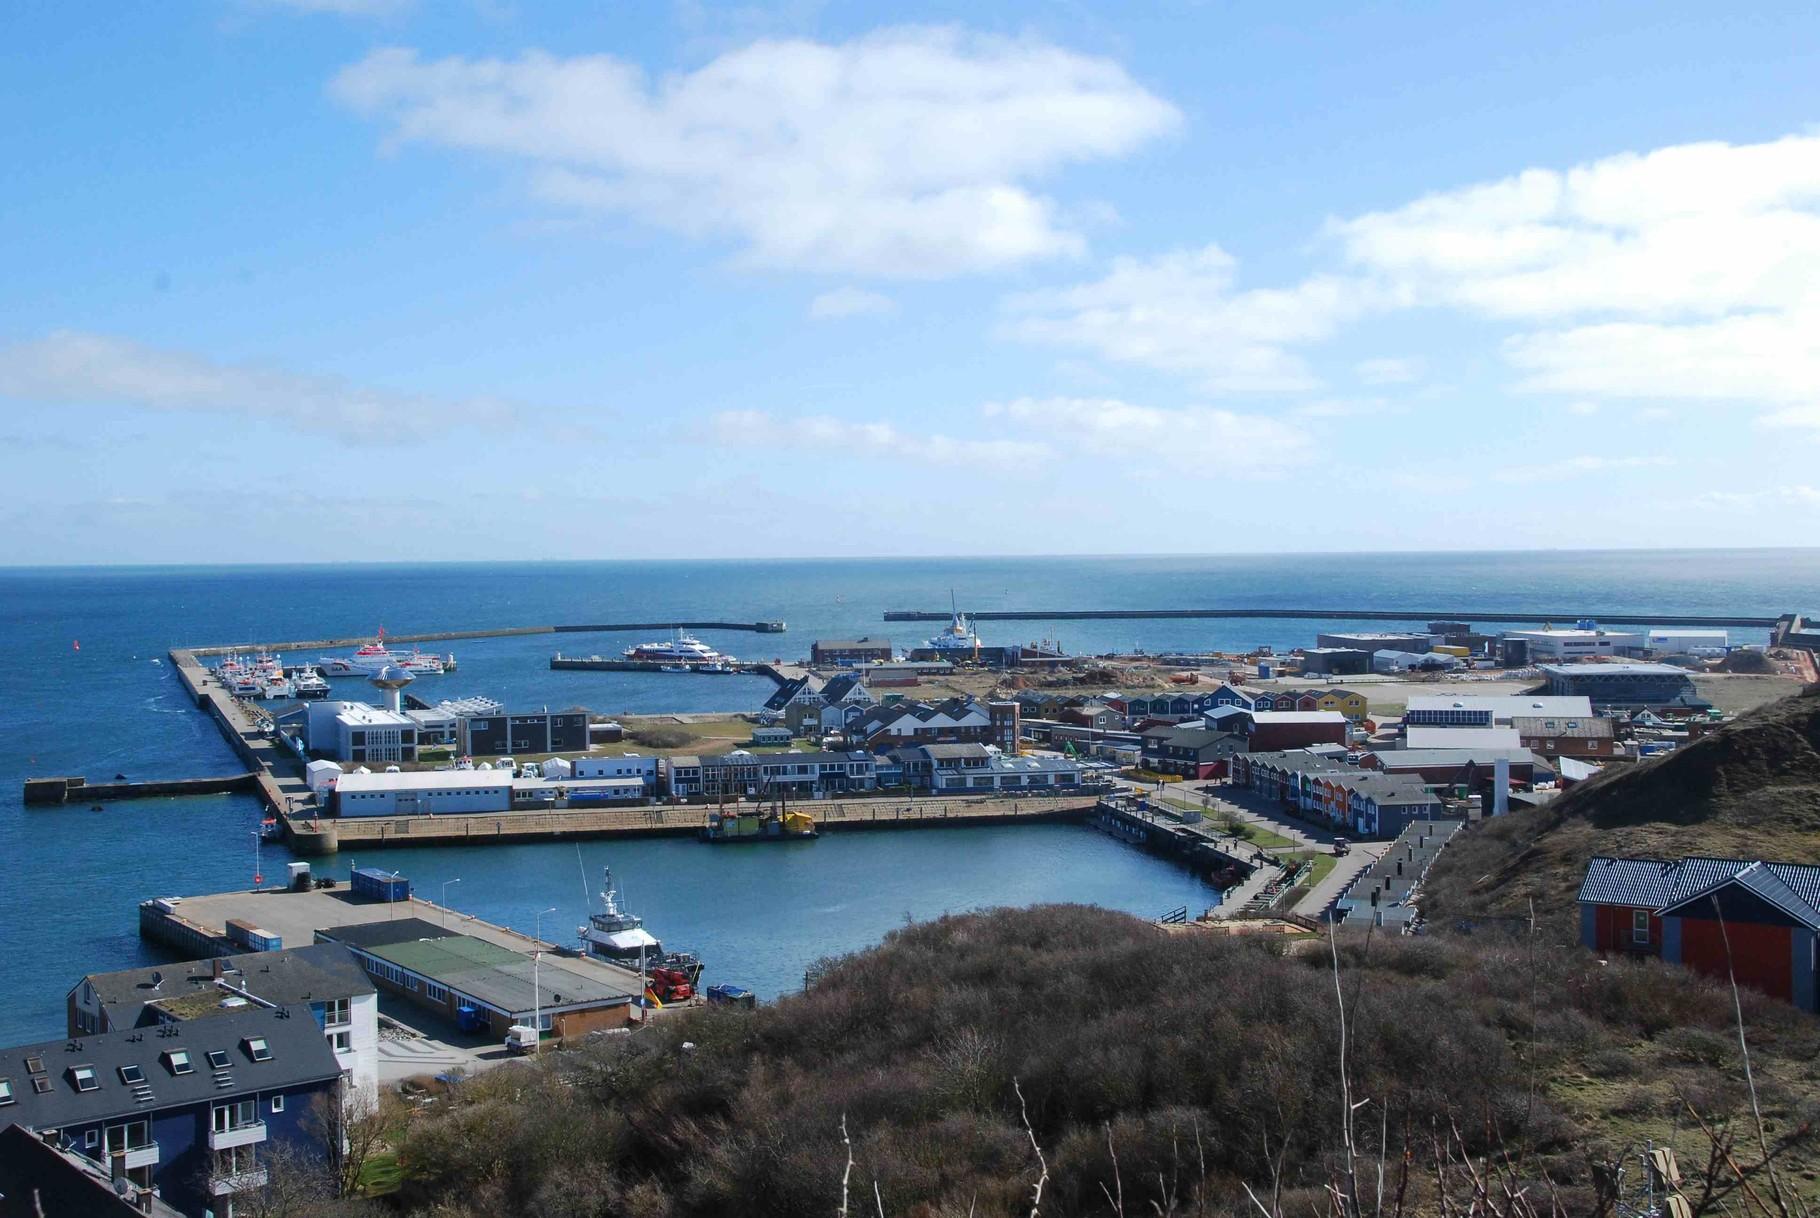 Hafengelände auf Helgoland